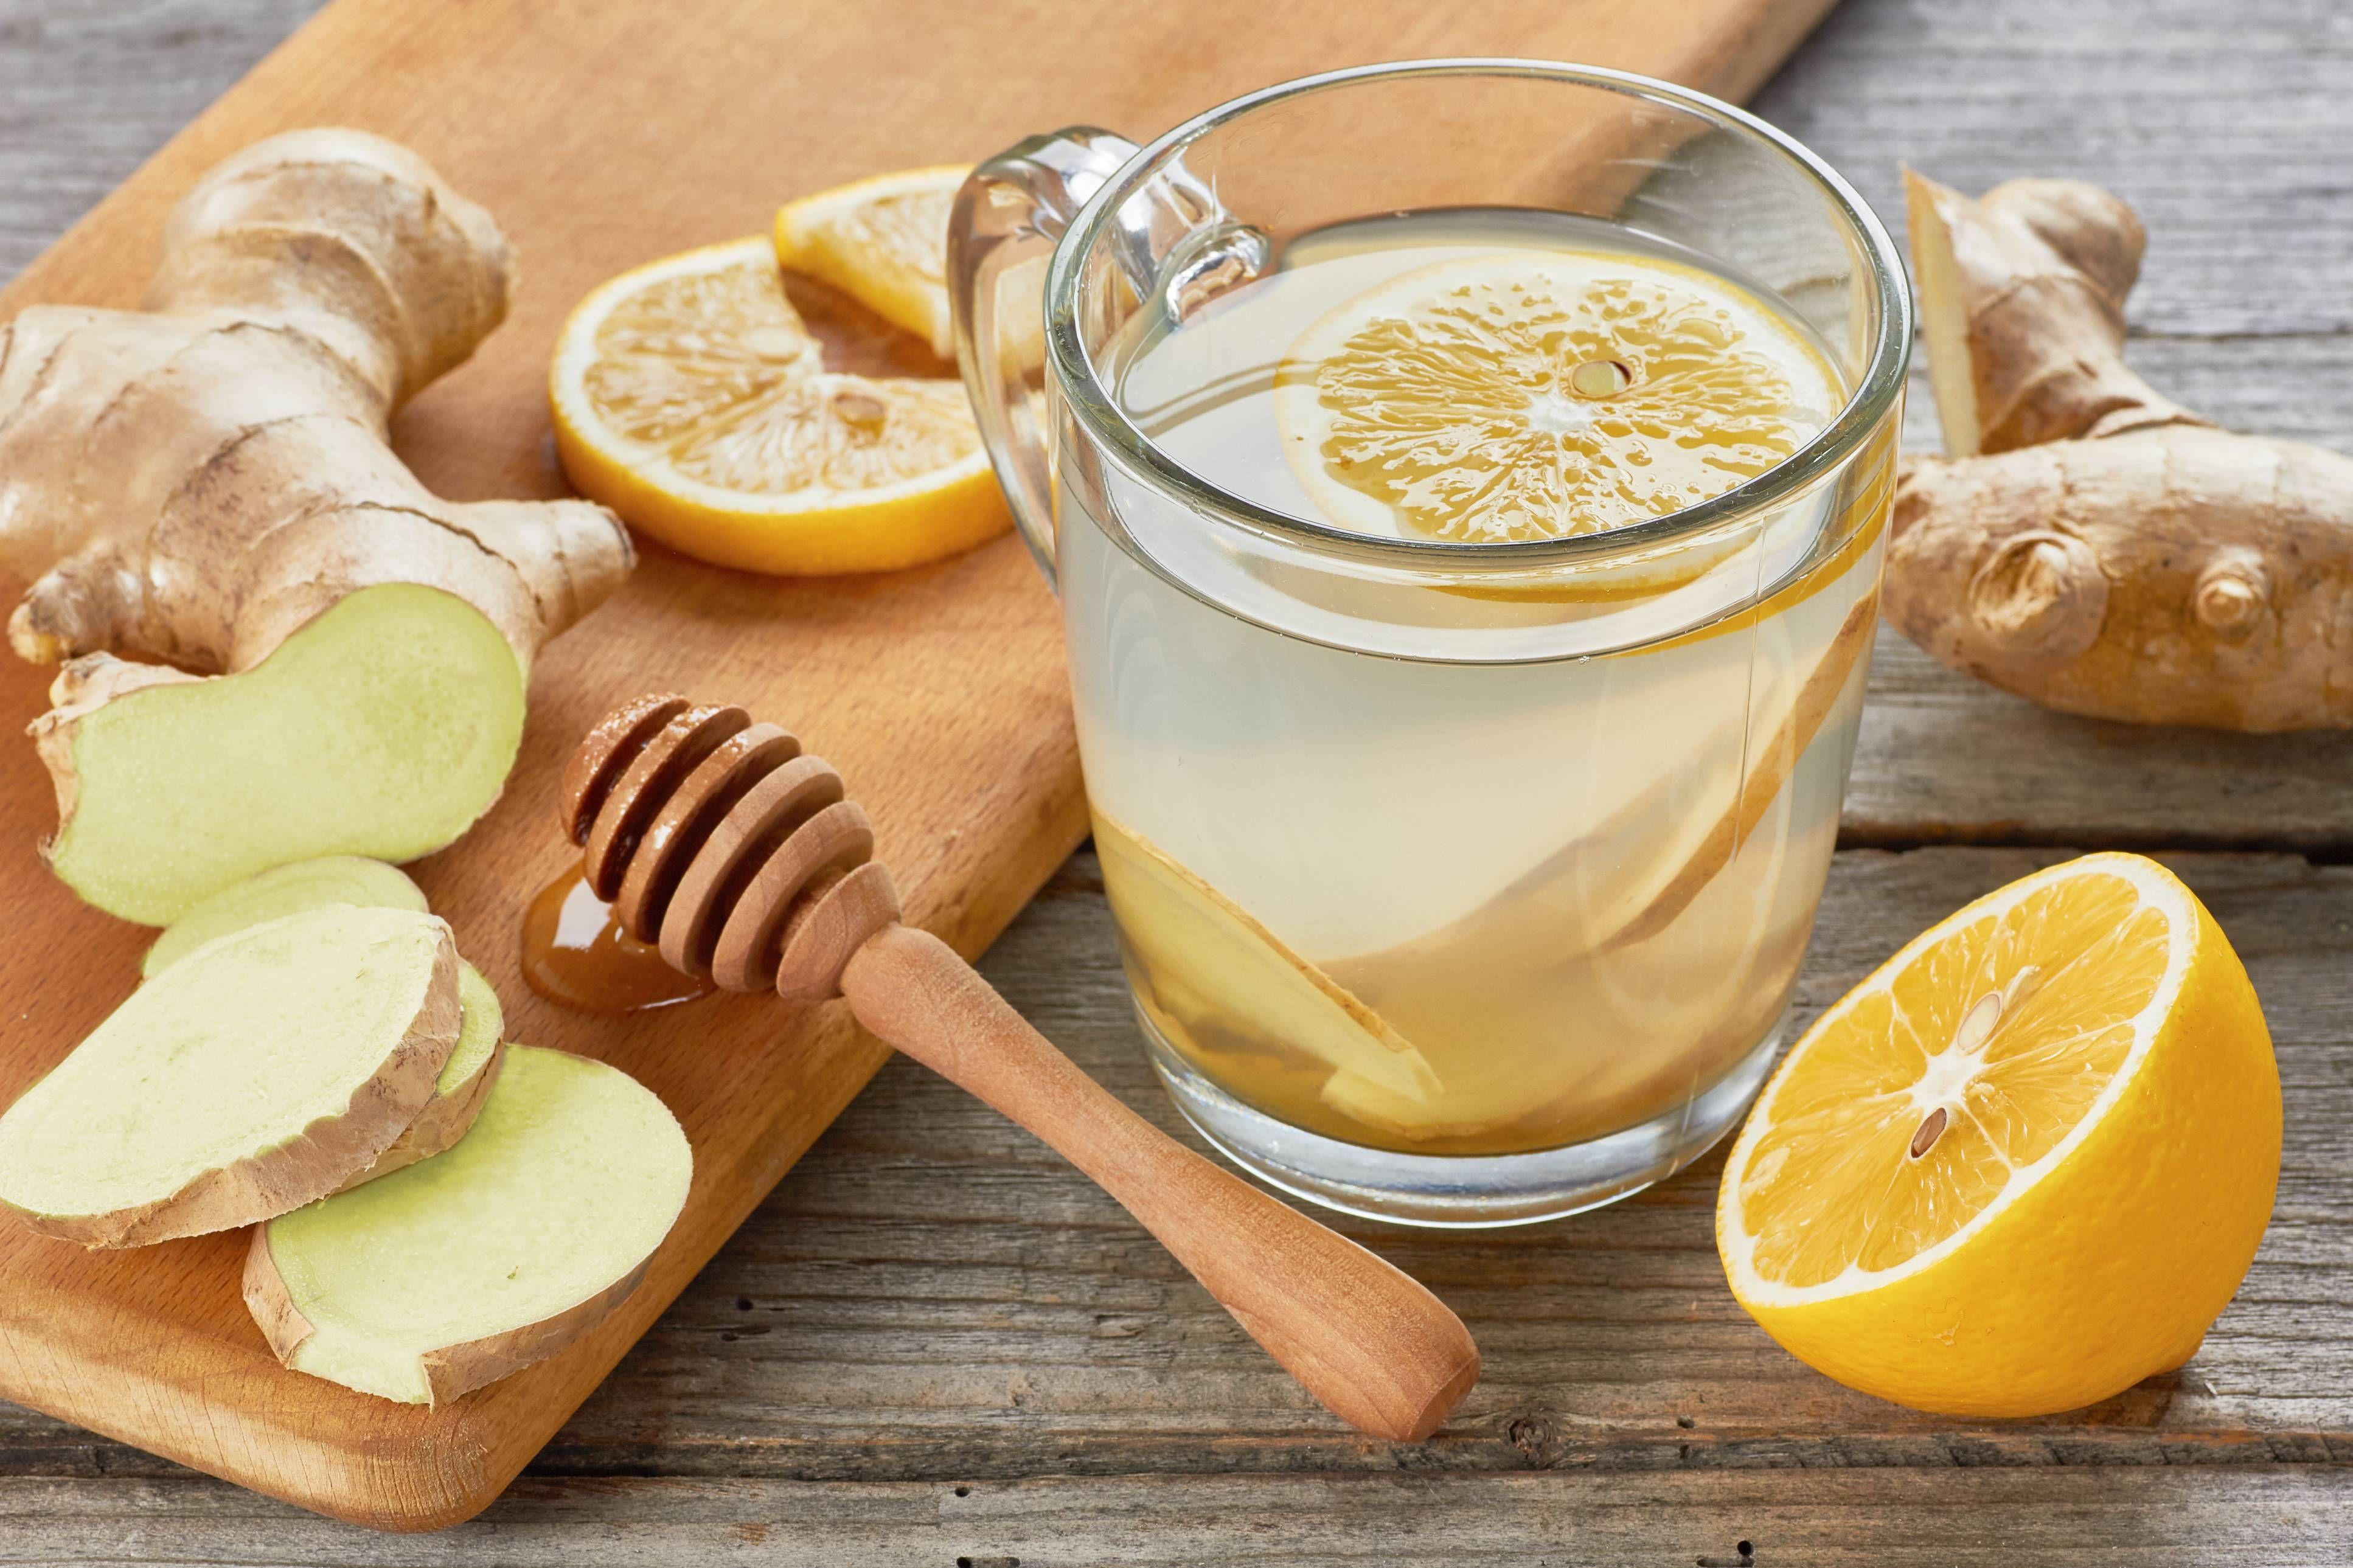 настойка лимона для похудения